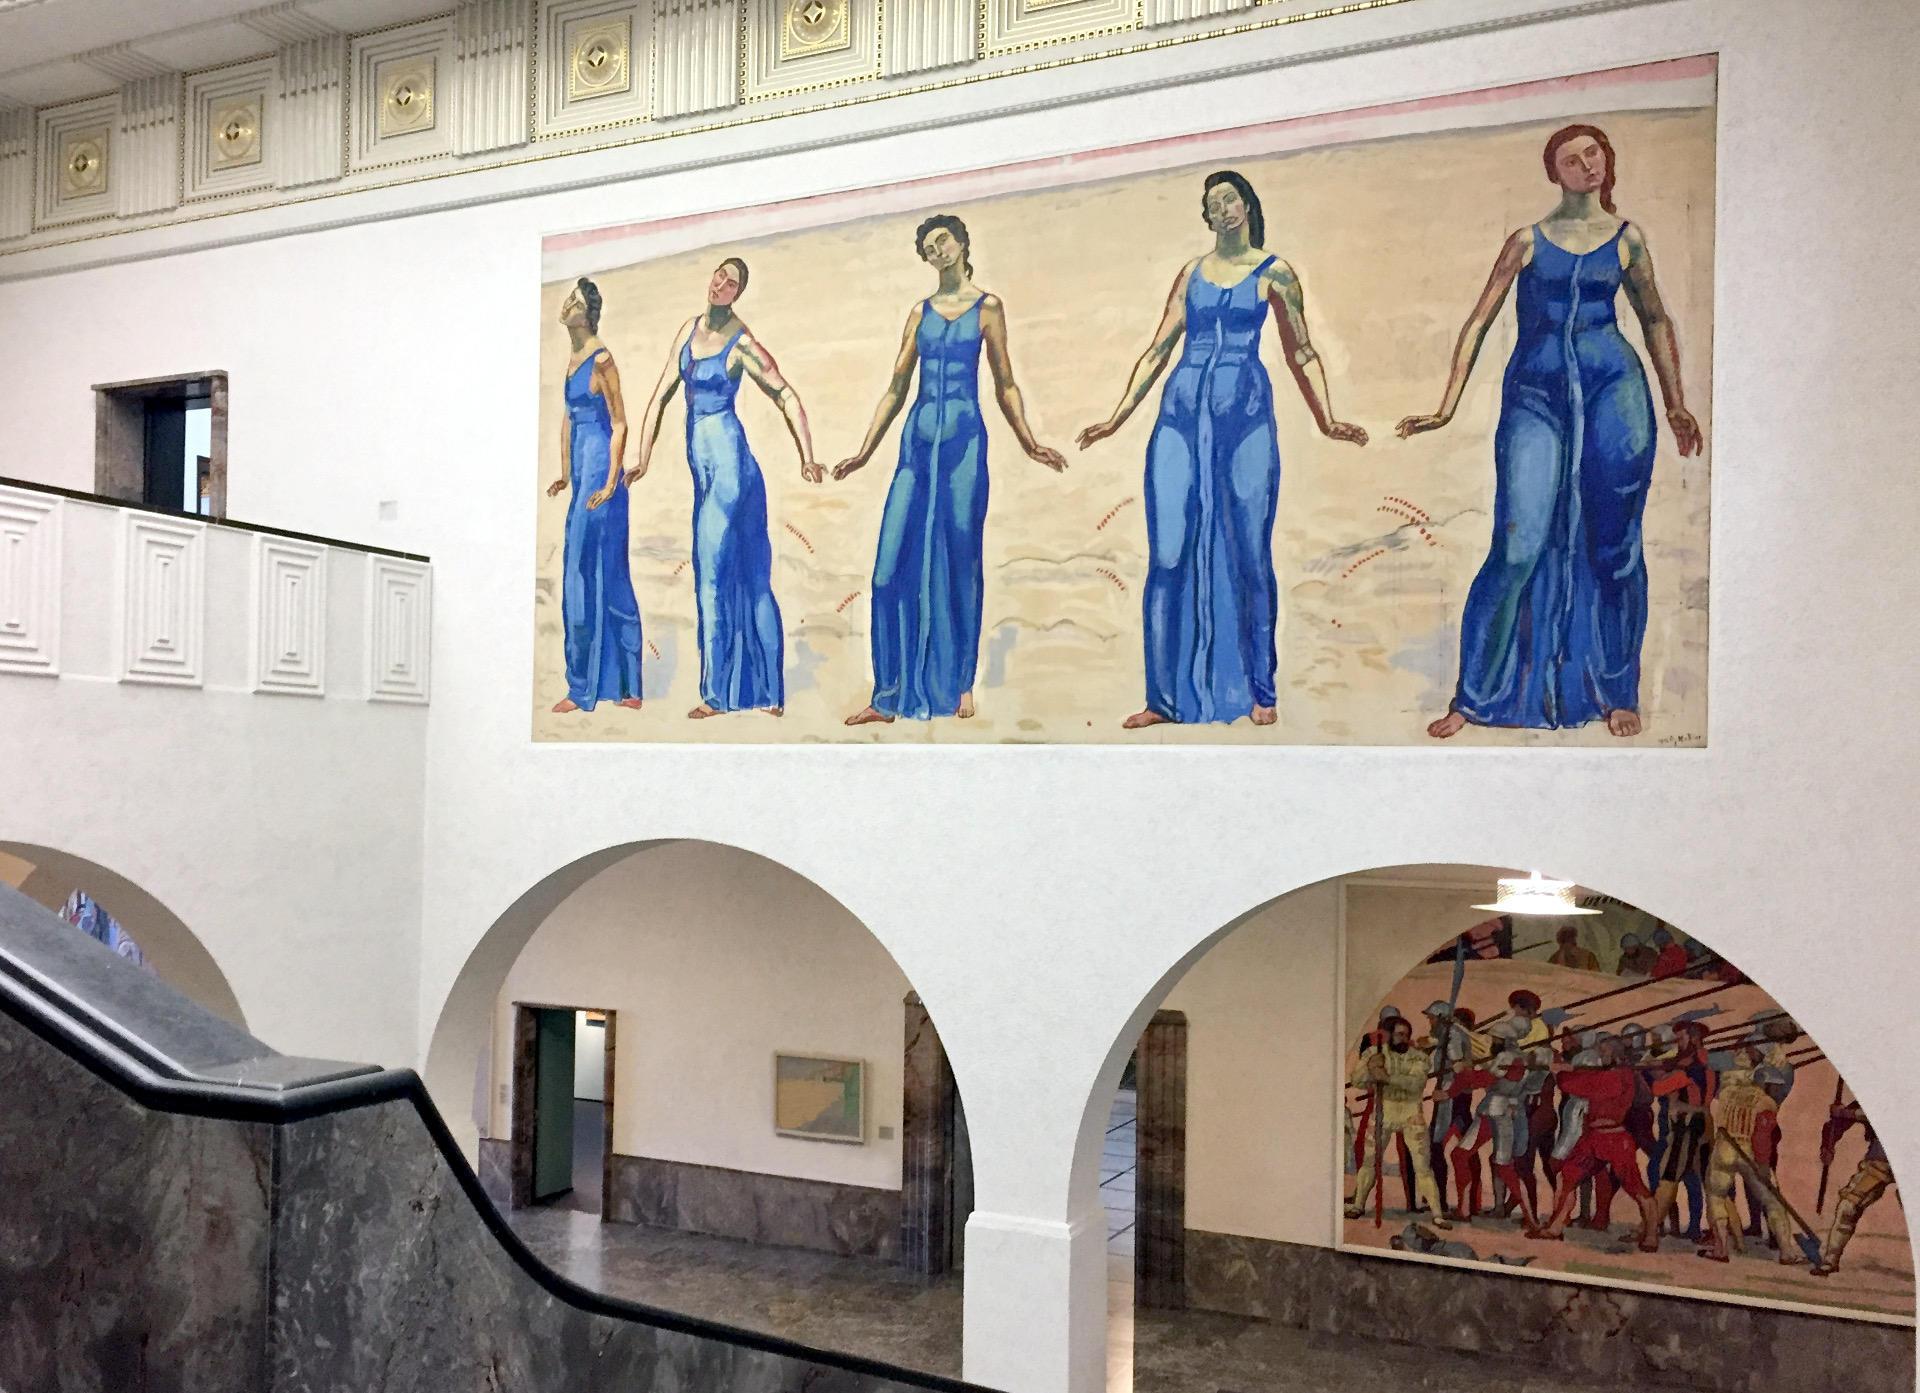 zurych zurich muzeum kunsthaus iglawpodrozy